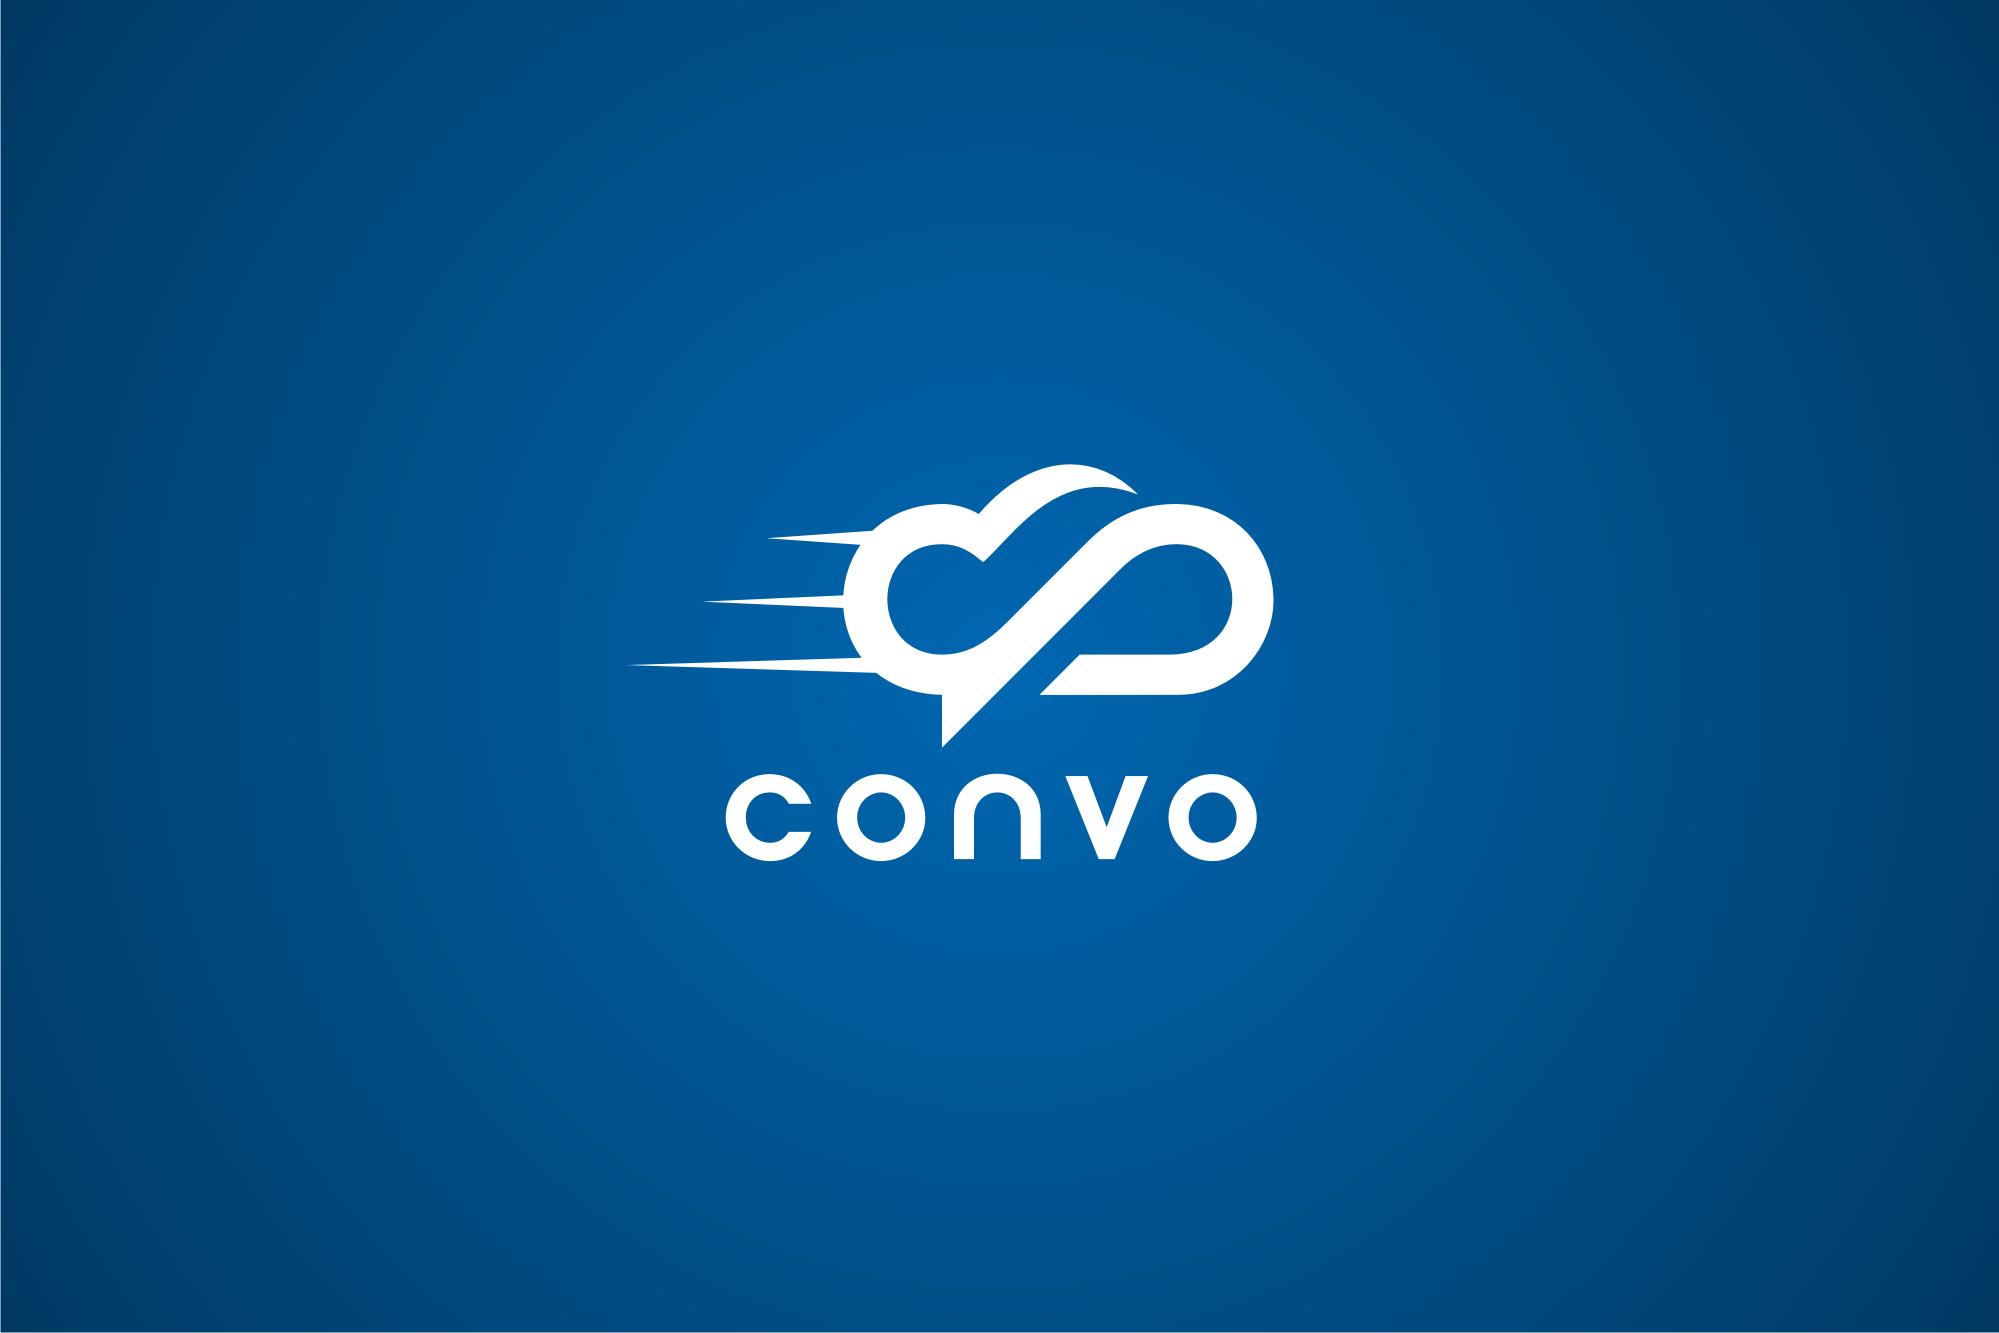 Convo needs a new logo